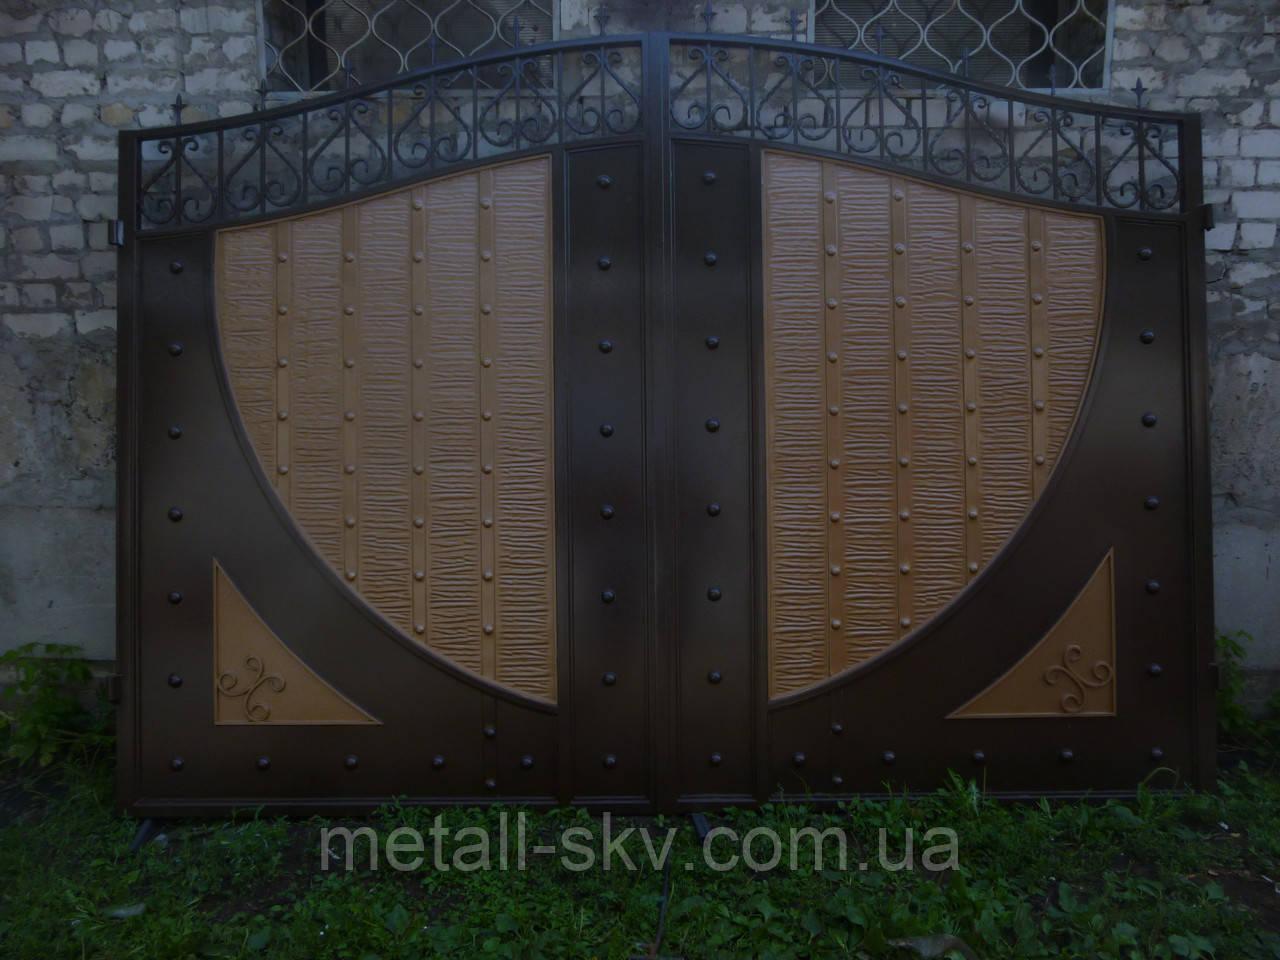 Ворота жатые металлические Руно